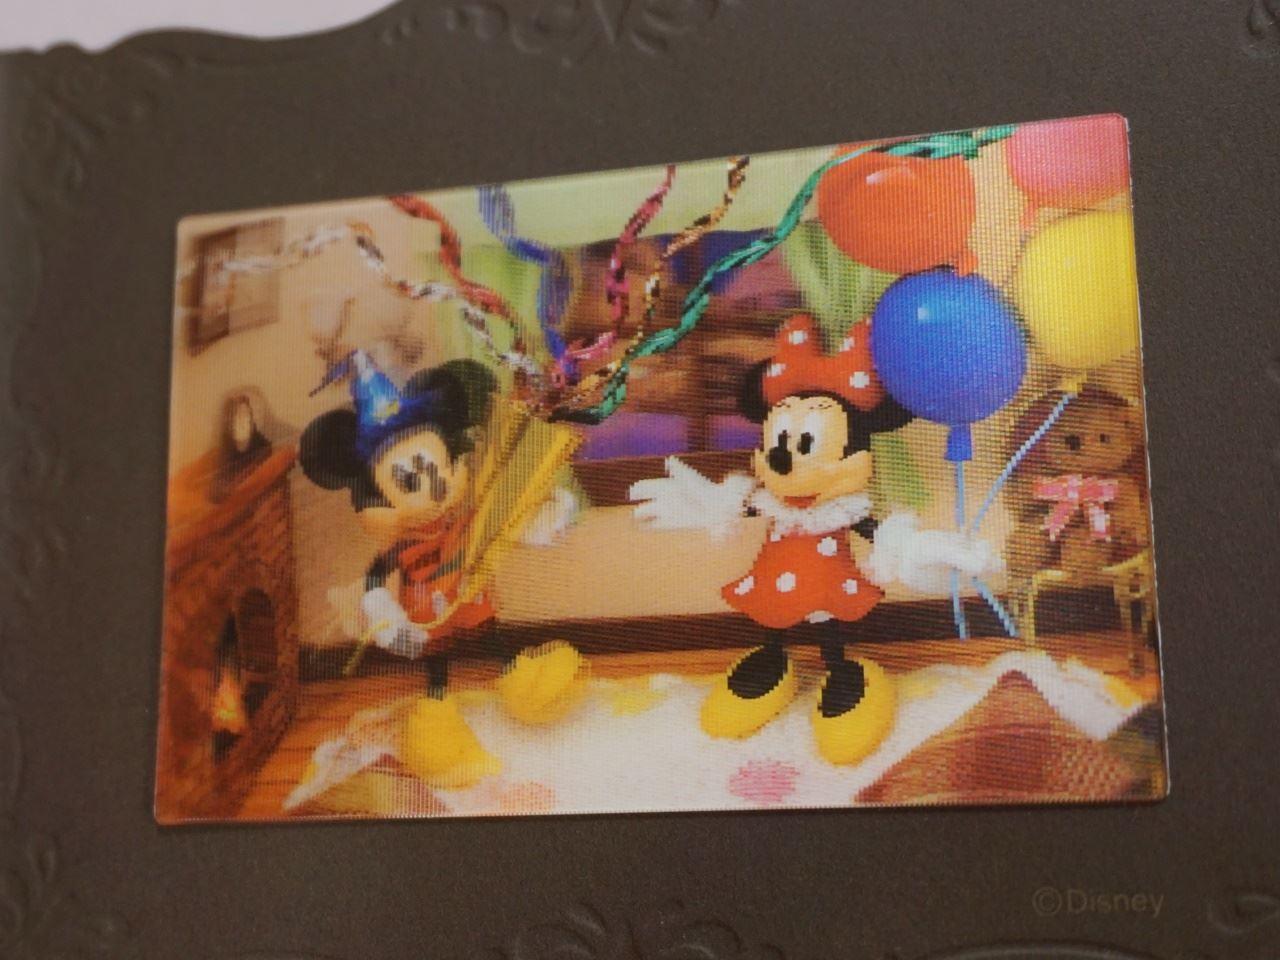 ディズニーミッキー&ミニー3Dカードの中面